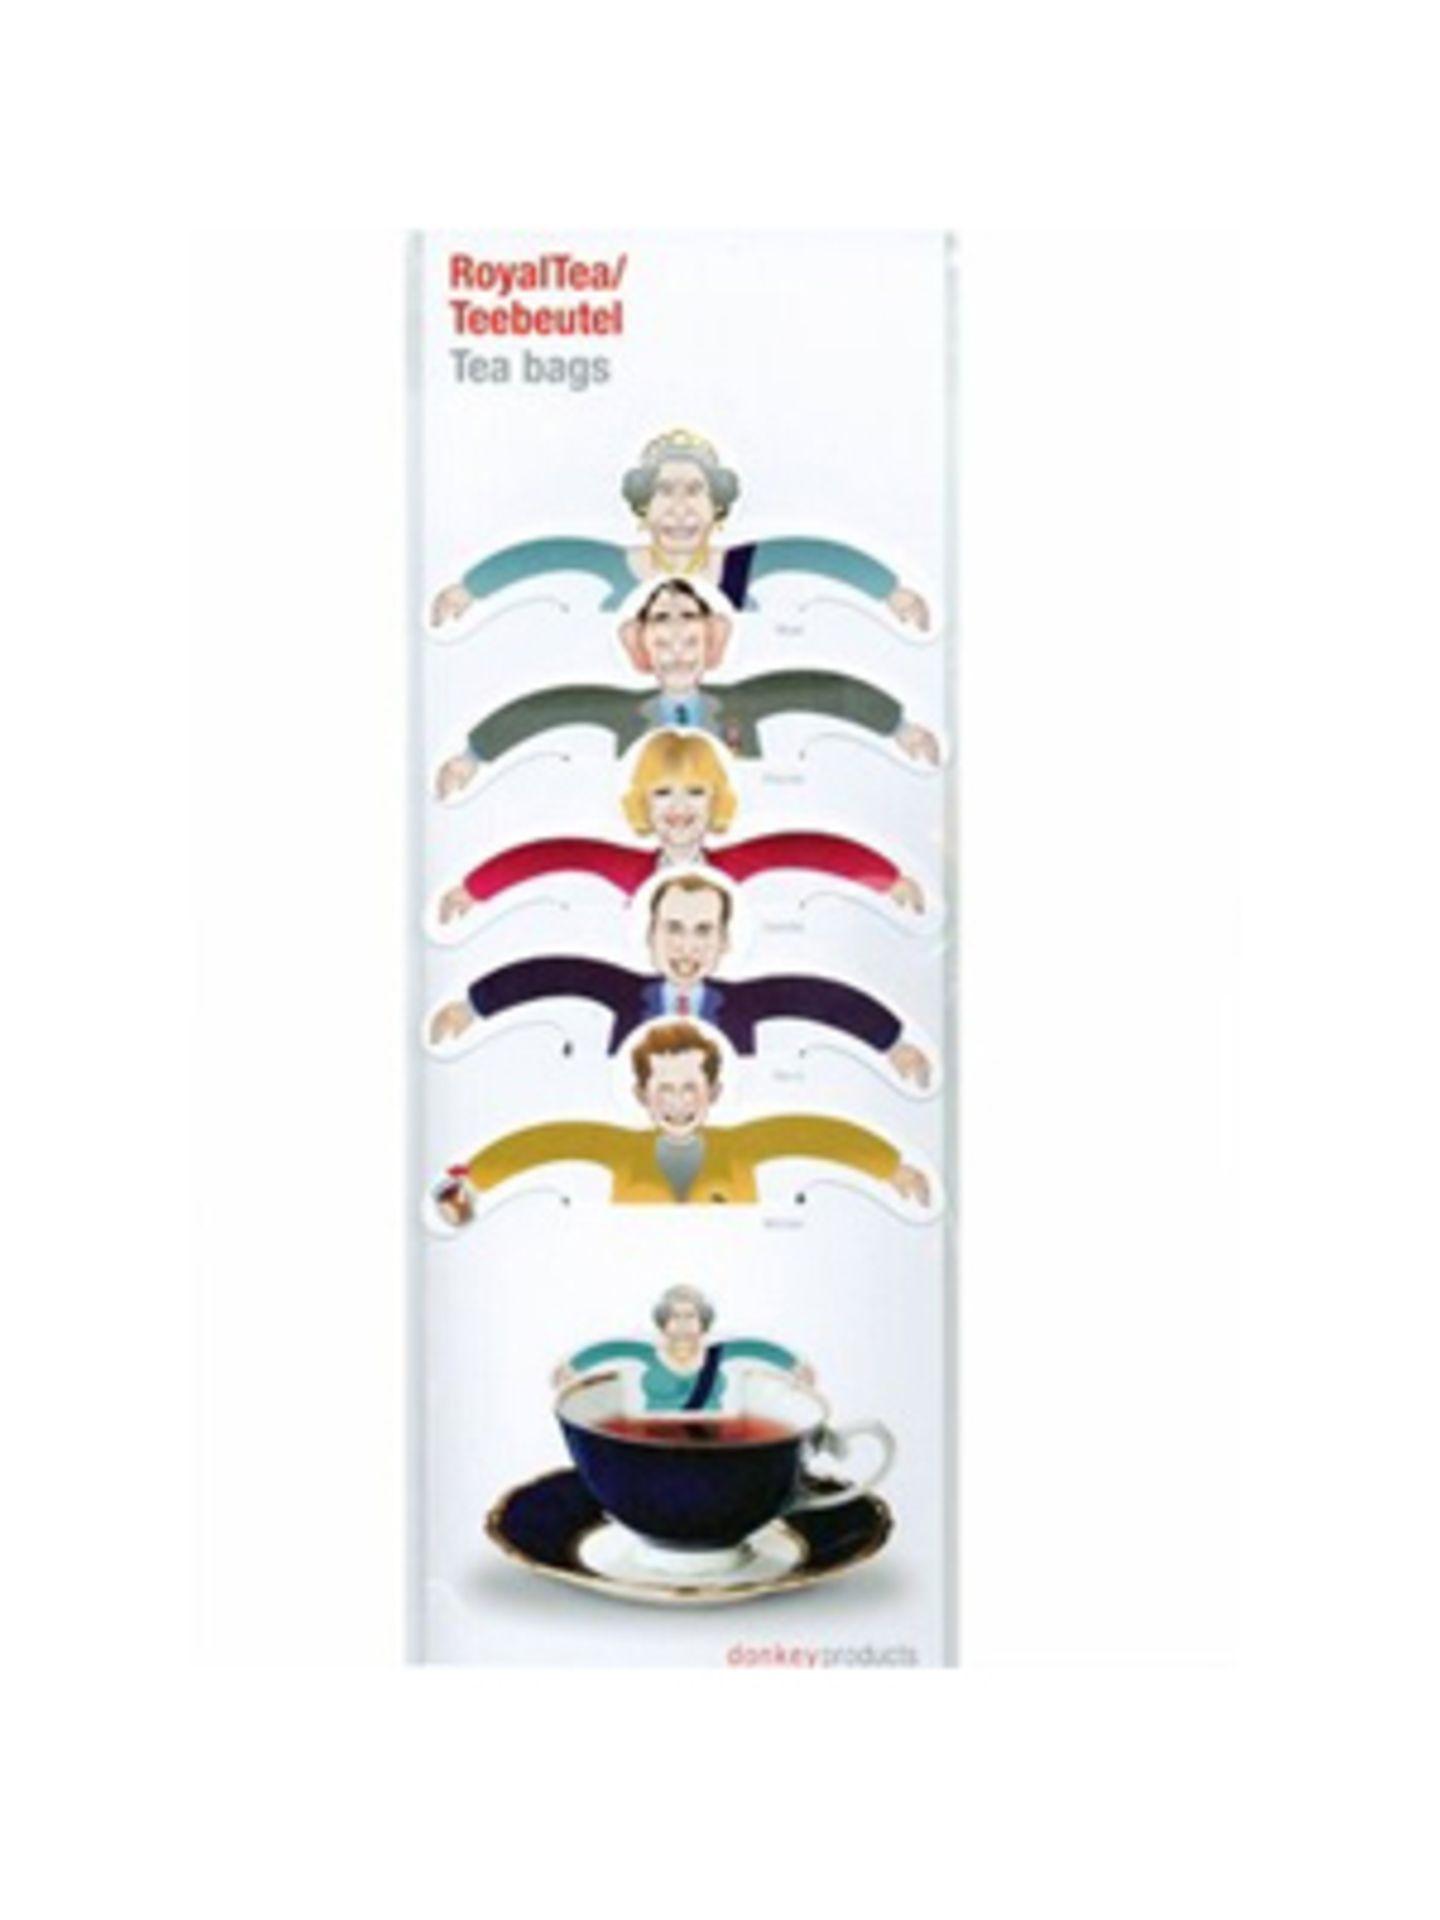 Oma liebt Tee? Und von den Royals kriegt sie auch nie genug? Wie schön, dass es sie jetzt alle als Teebeutel gibt. Über Design3000, um 8 Euro.